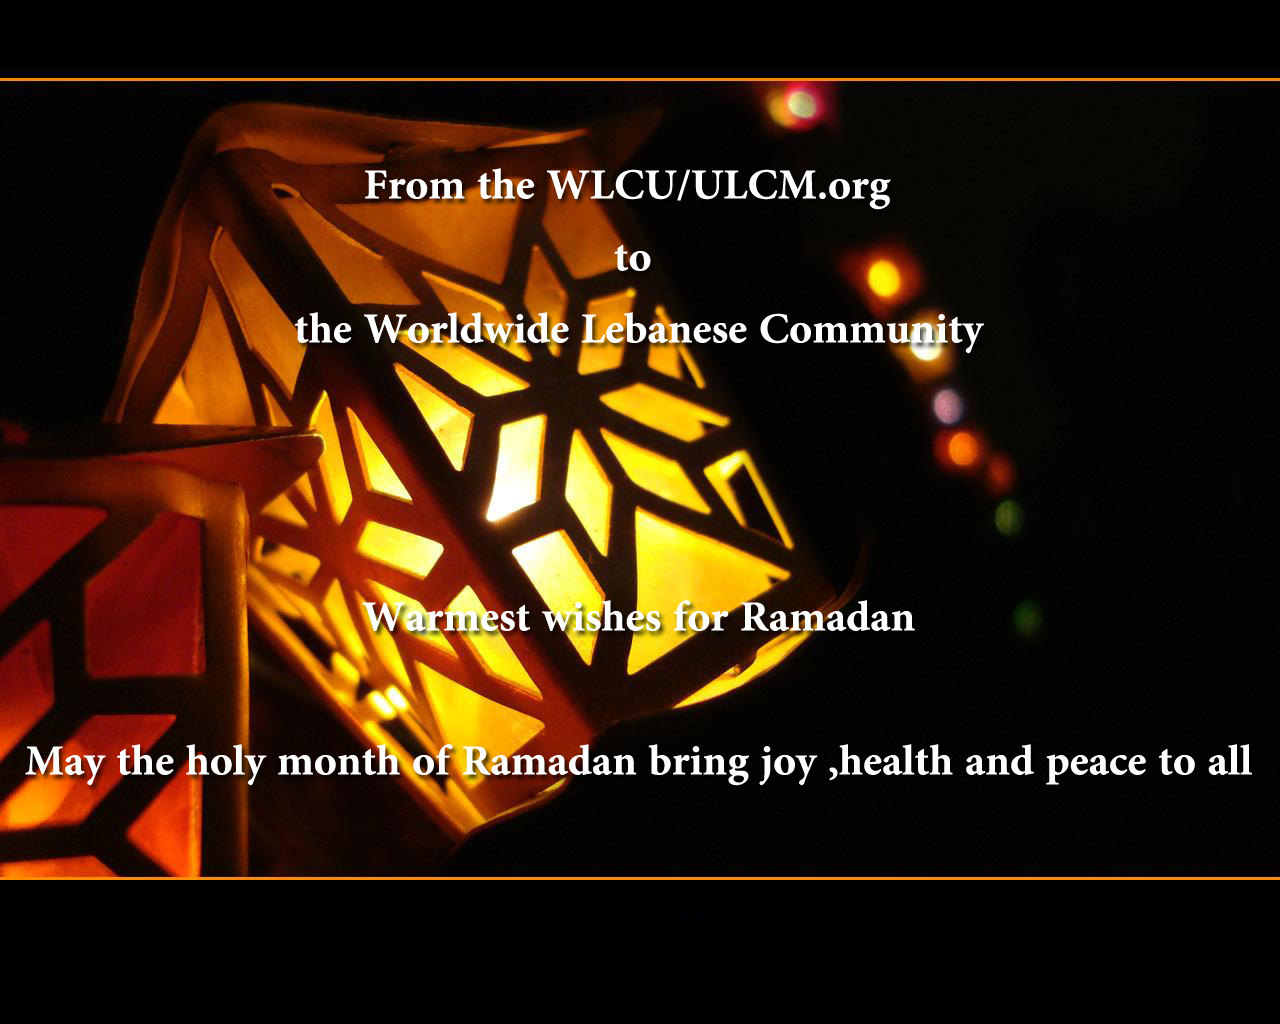 Ramadan Kareem WLCU/ULCM.org